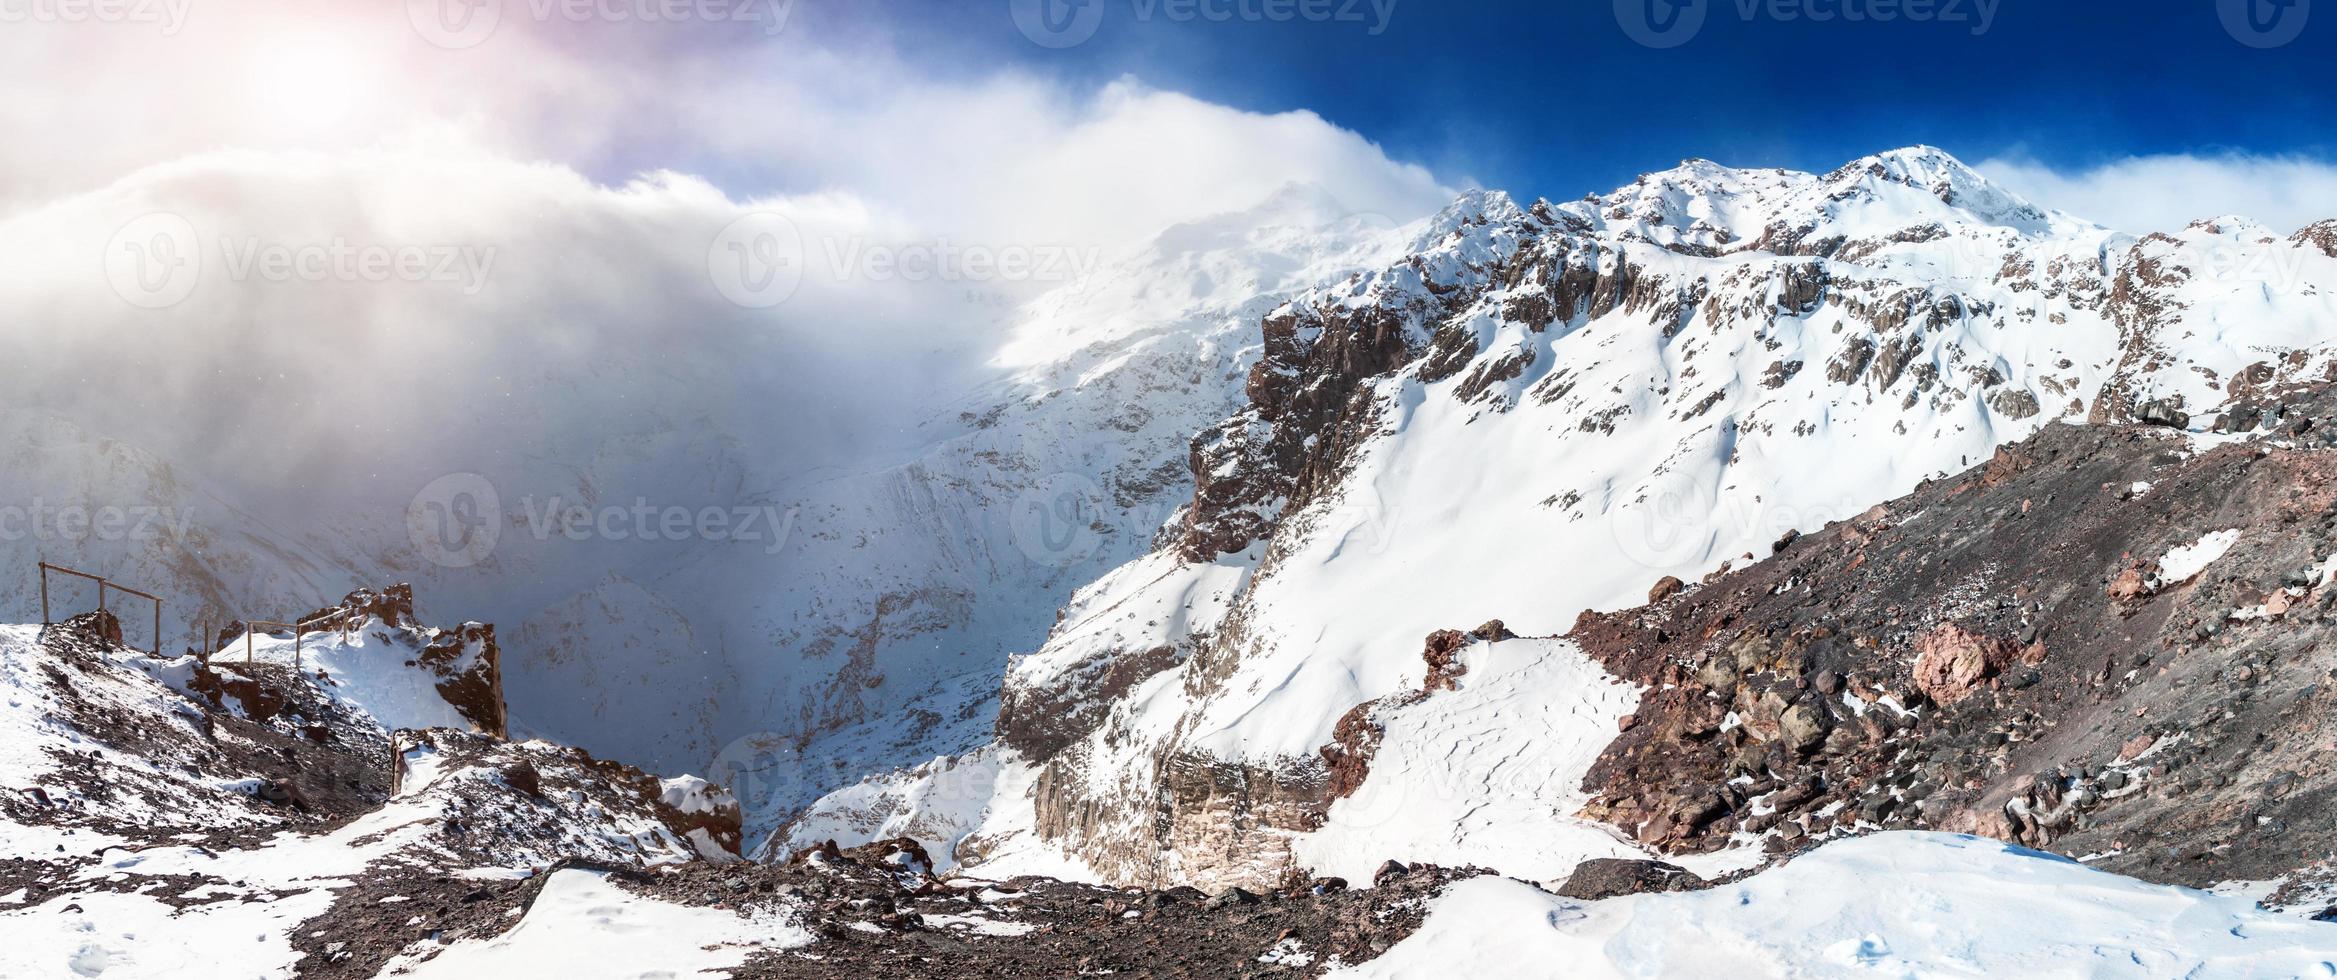 panorama das montanhas cobertas de neve foto